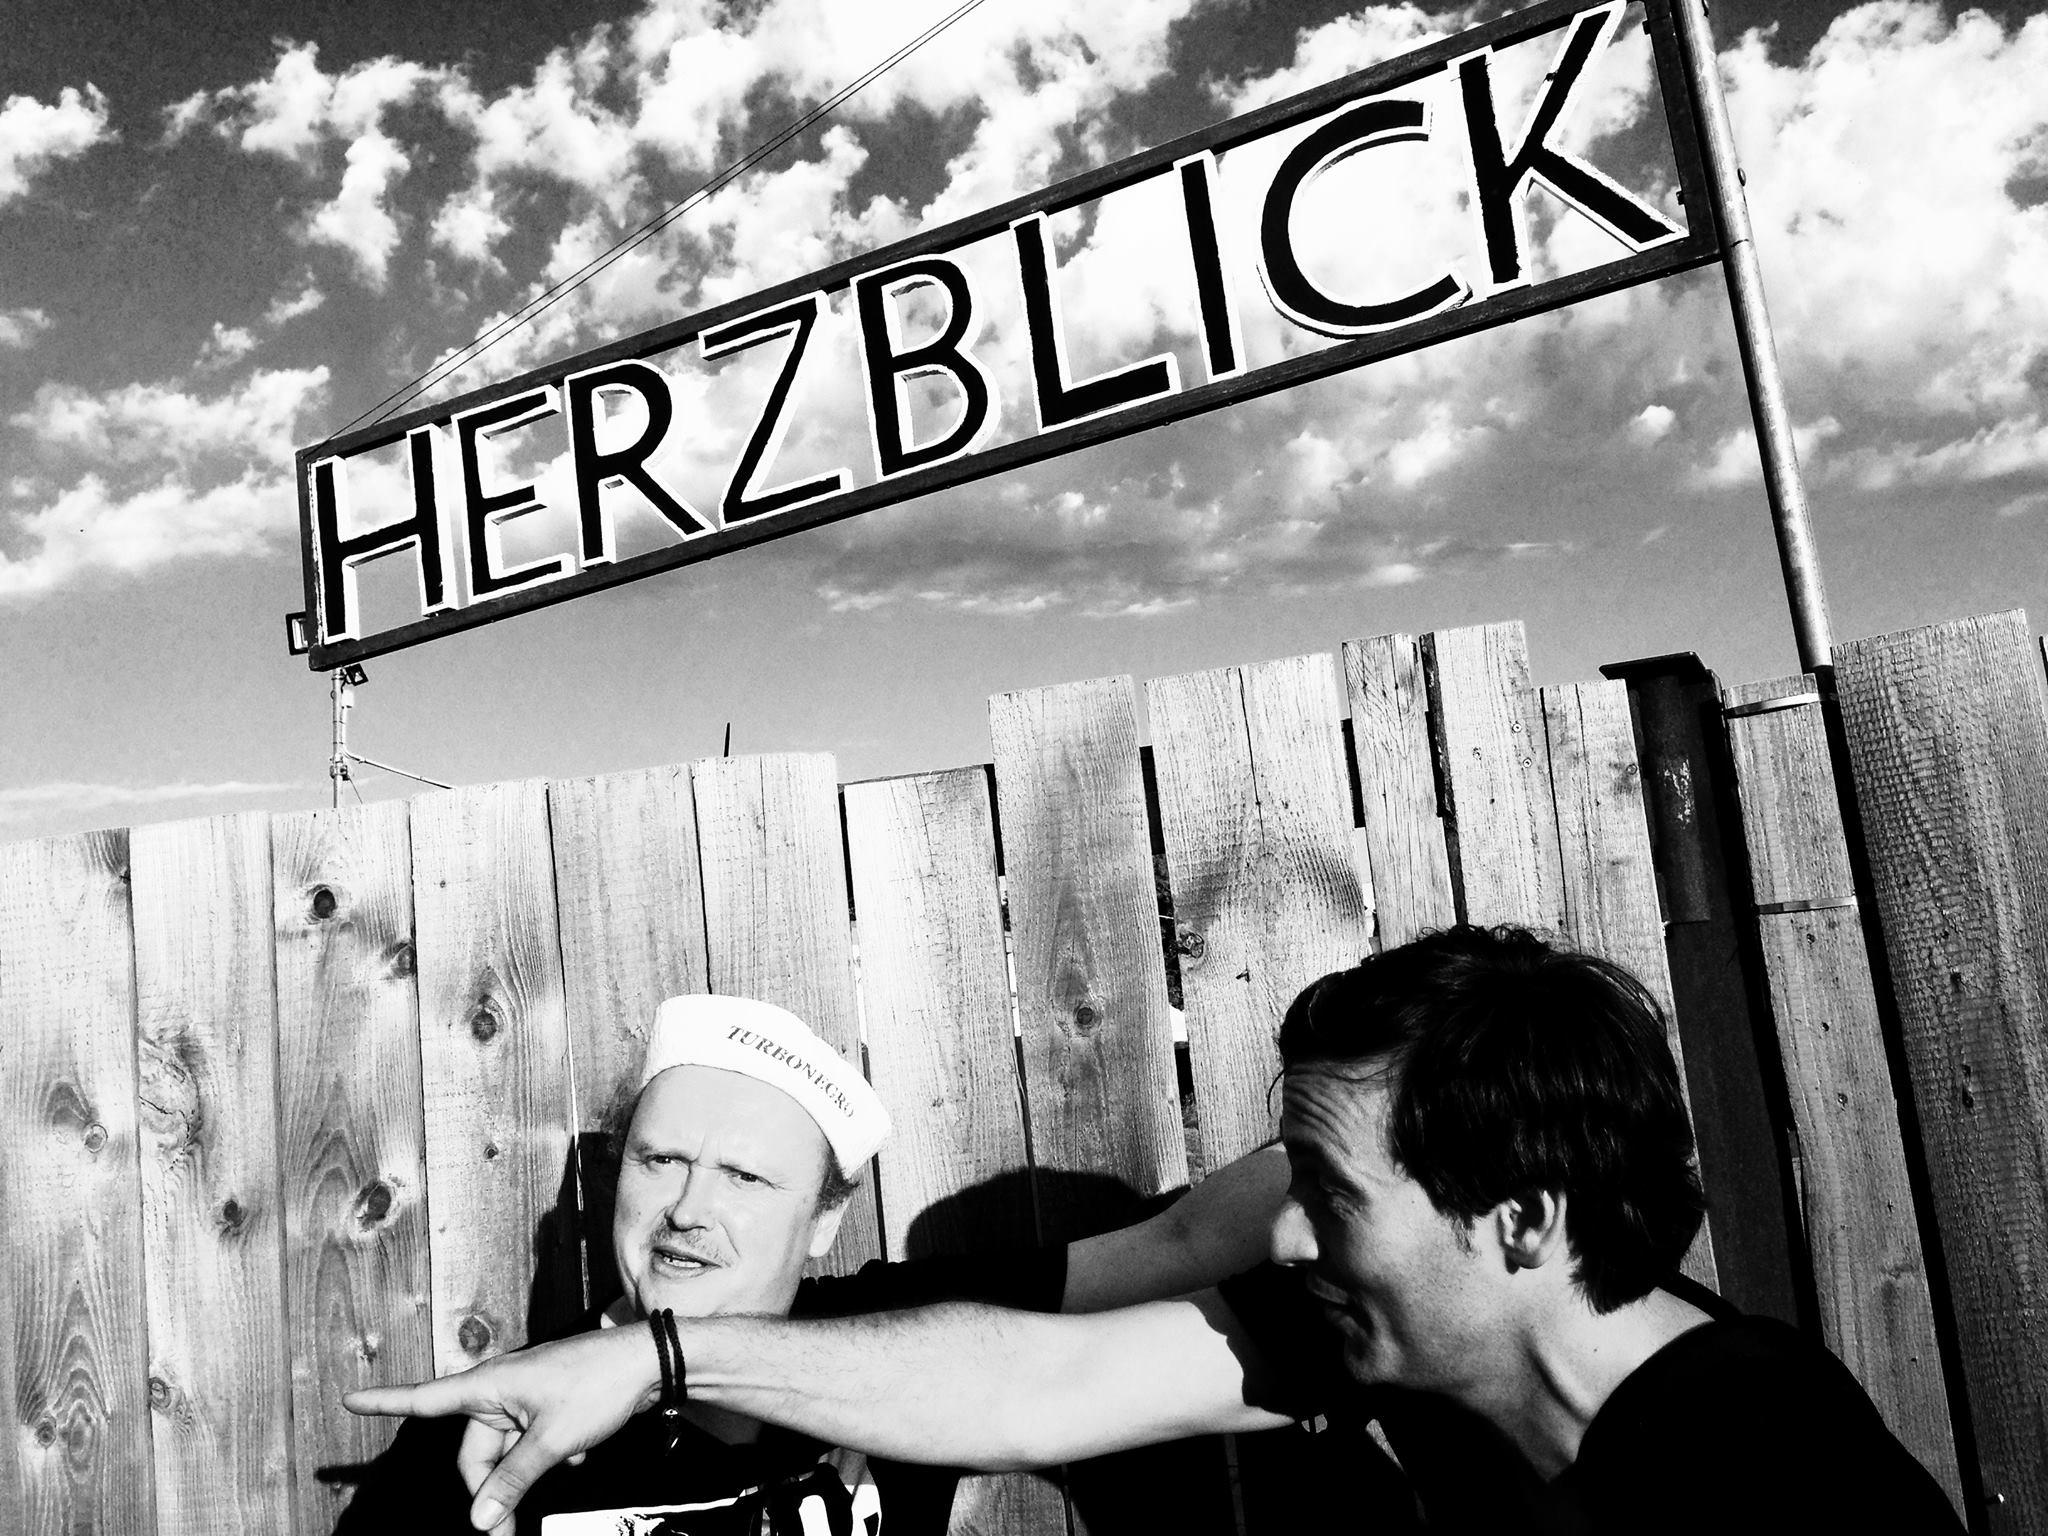 JMK Herzblick.jpg